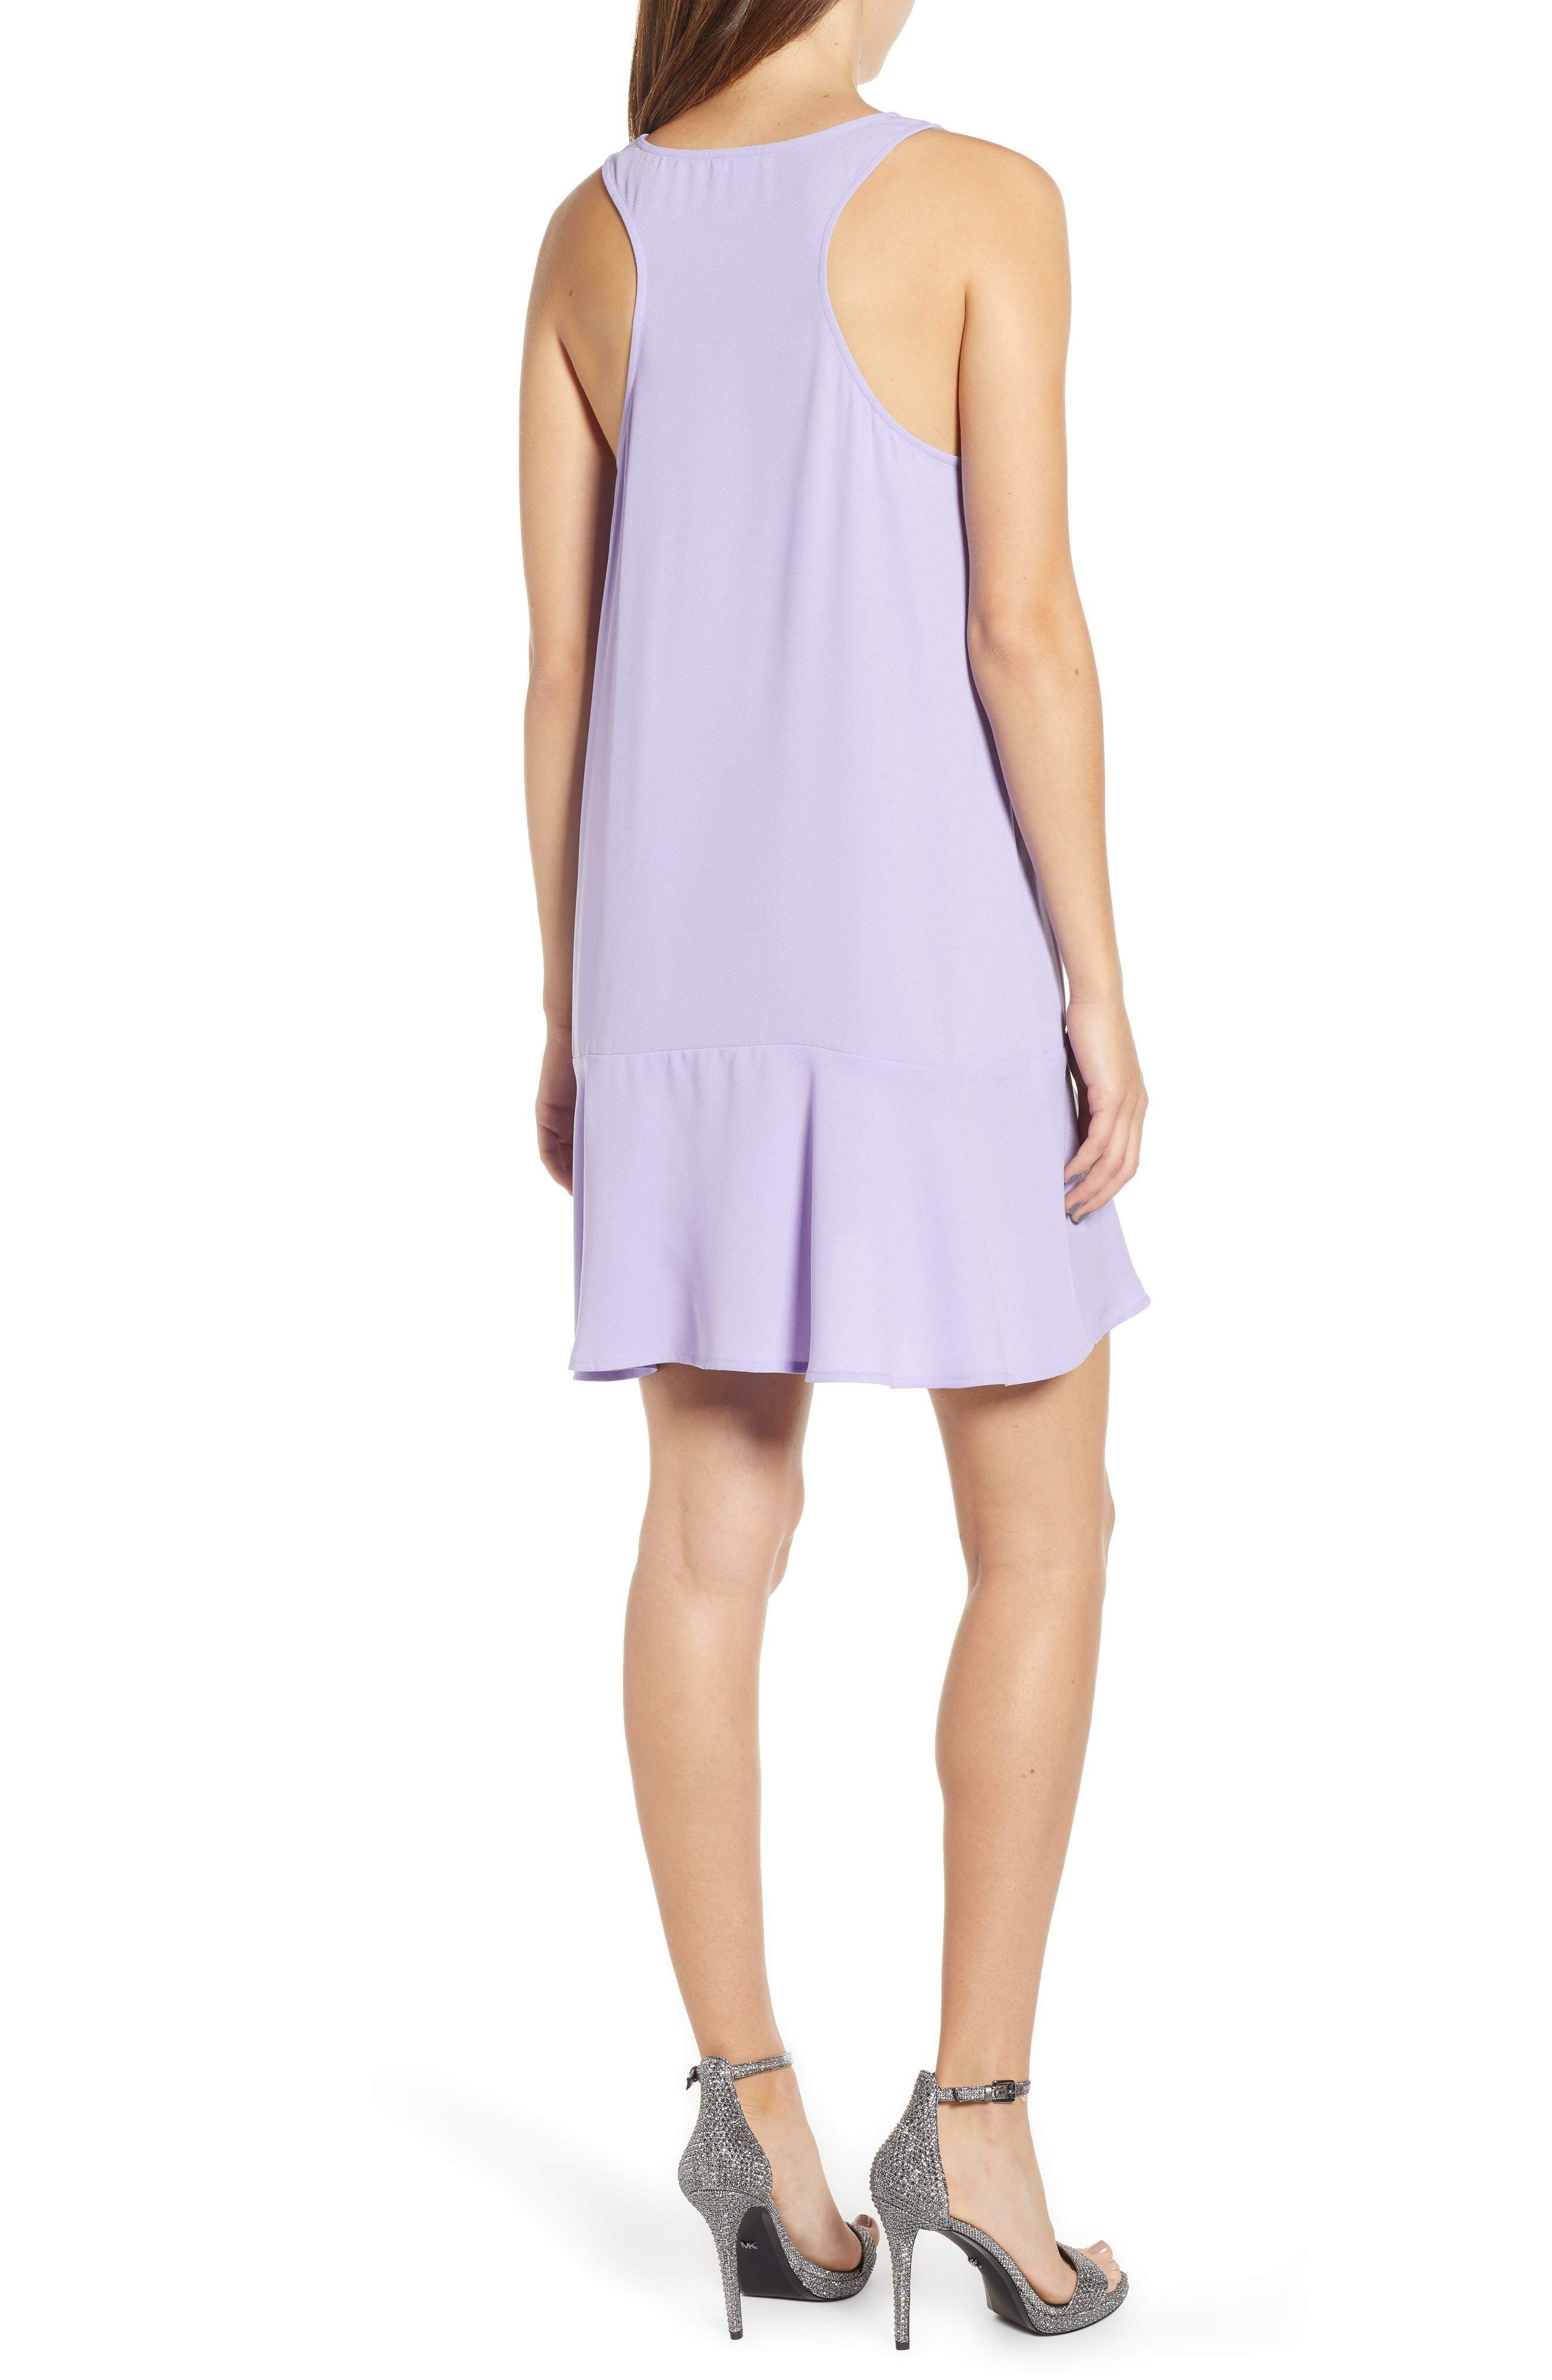 c131ed97f402 Women's Leith Dresses | Nordstrom